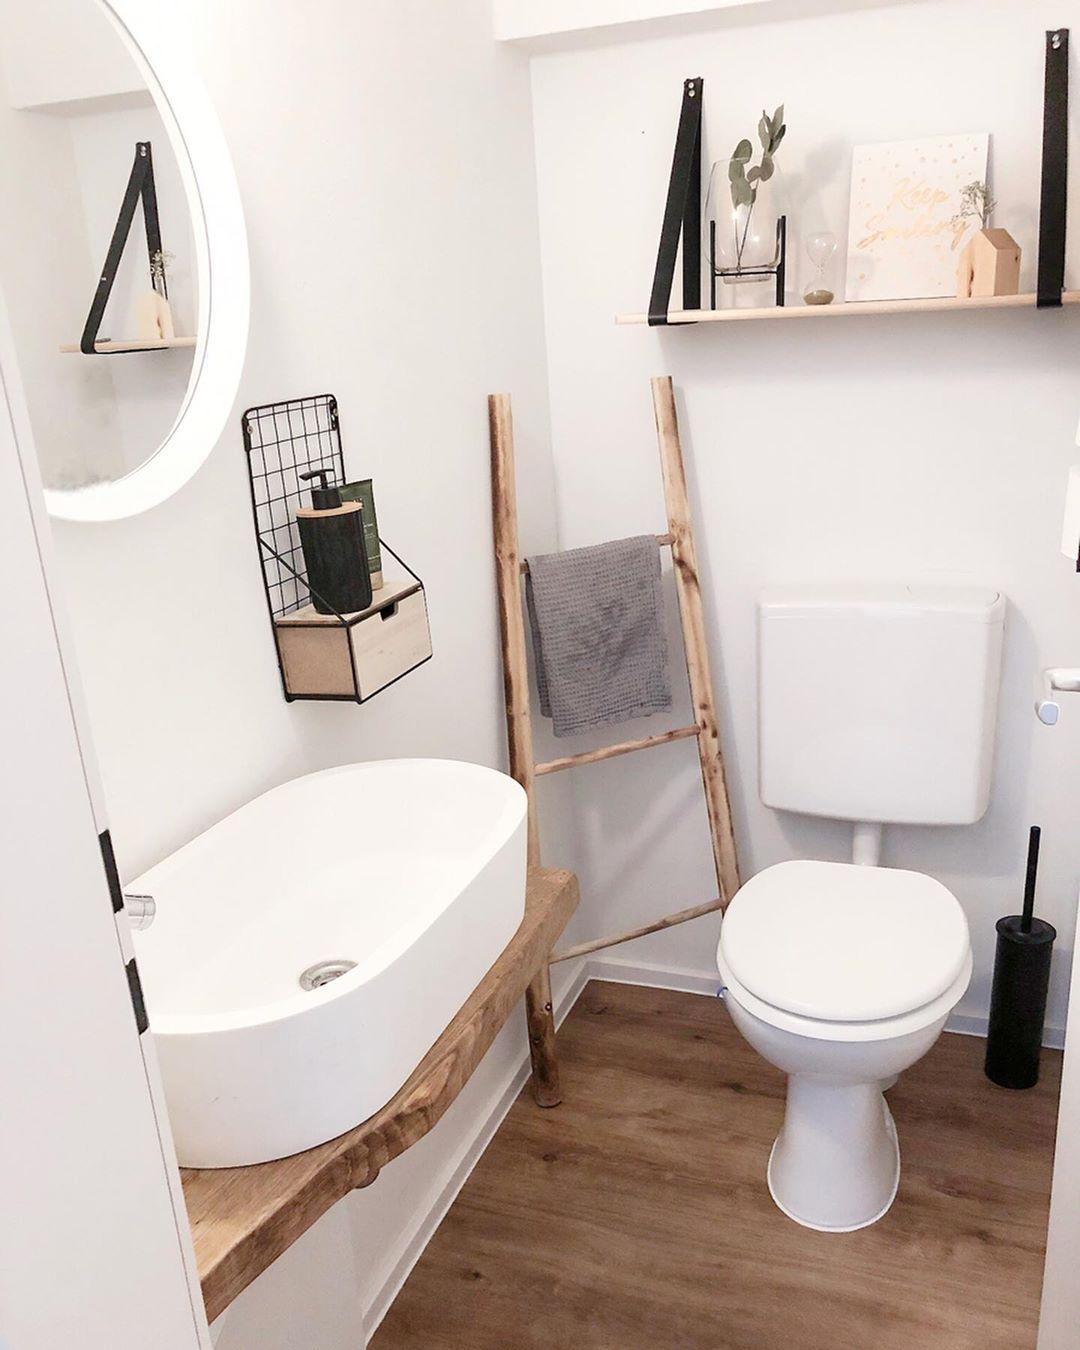 8 Und Auch Das Klo Hatte Kein Fenster Badezimmer Renovieren Gaste Wc Gestalten Badezimmer